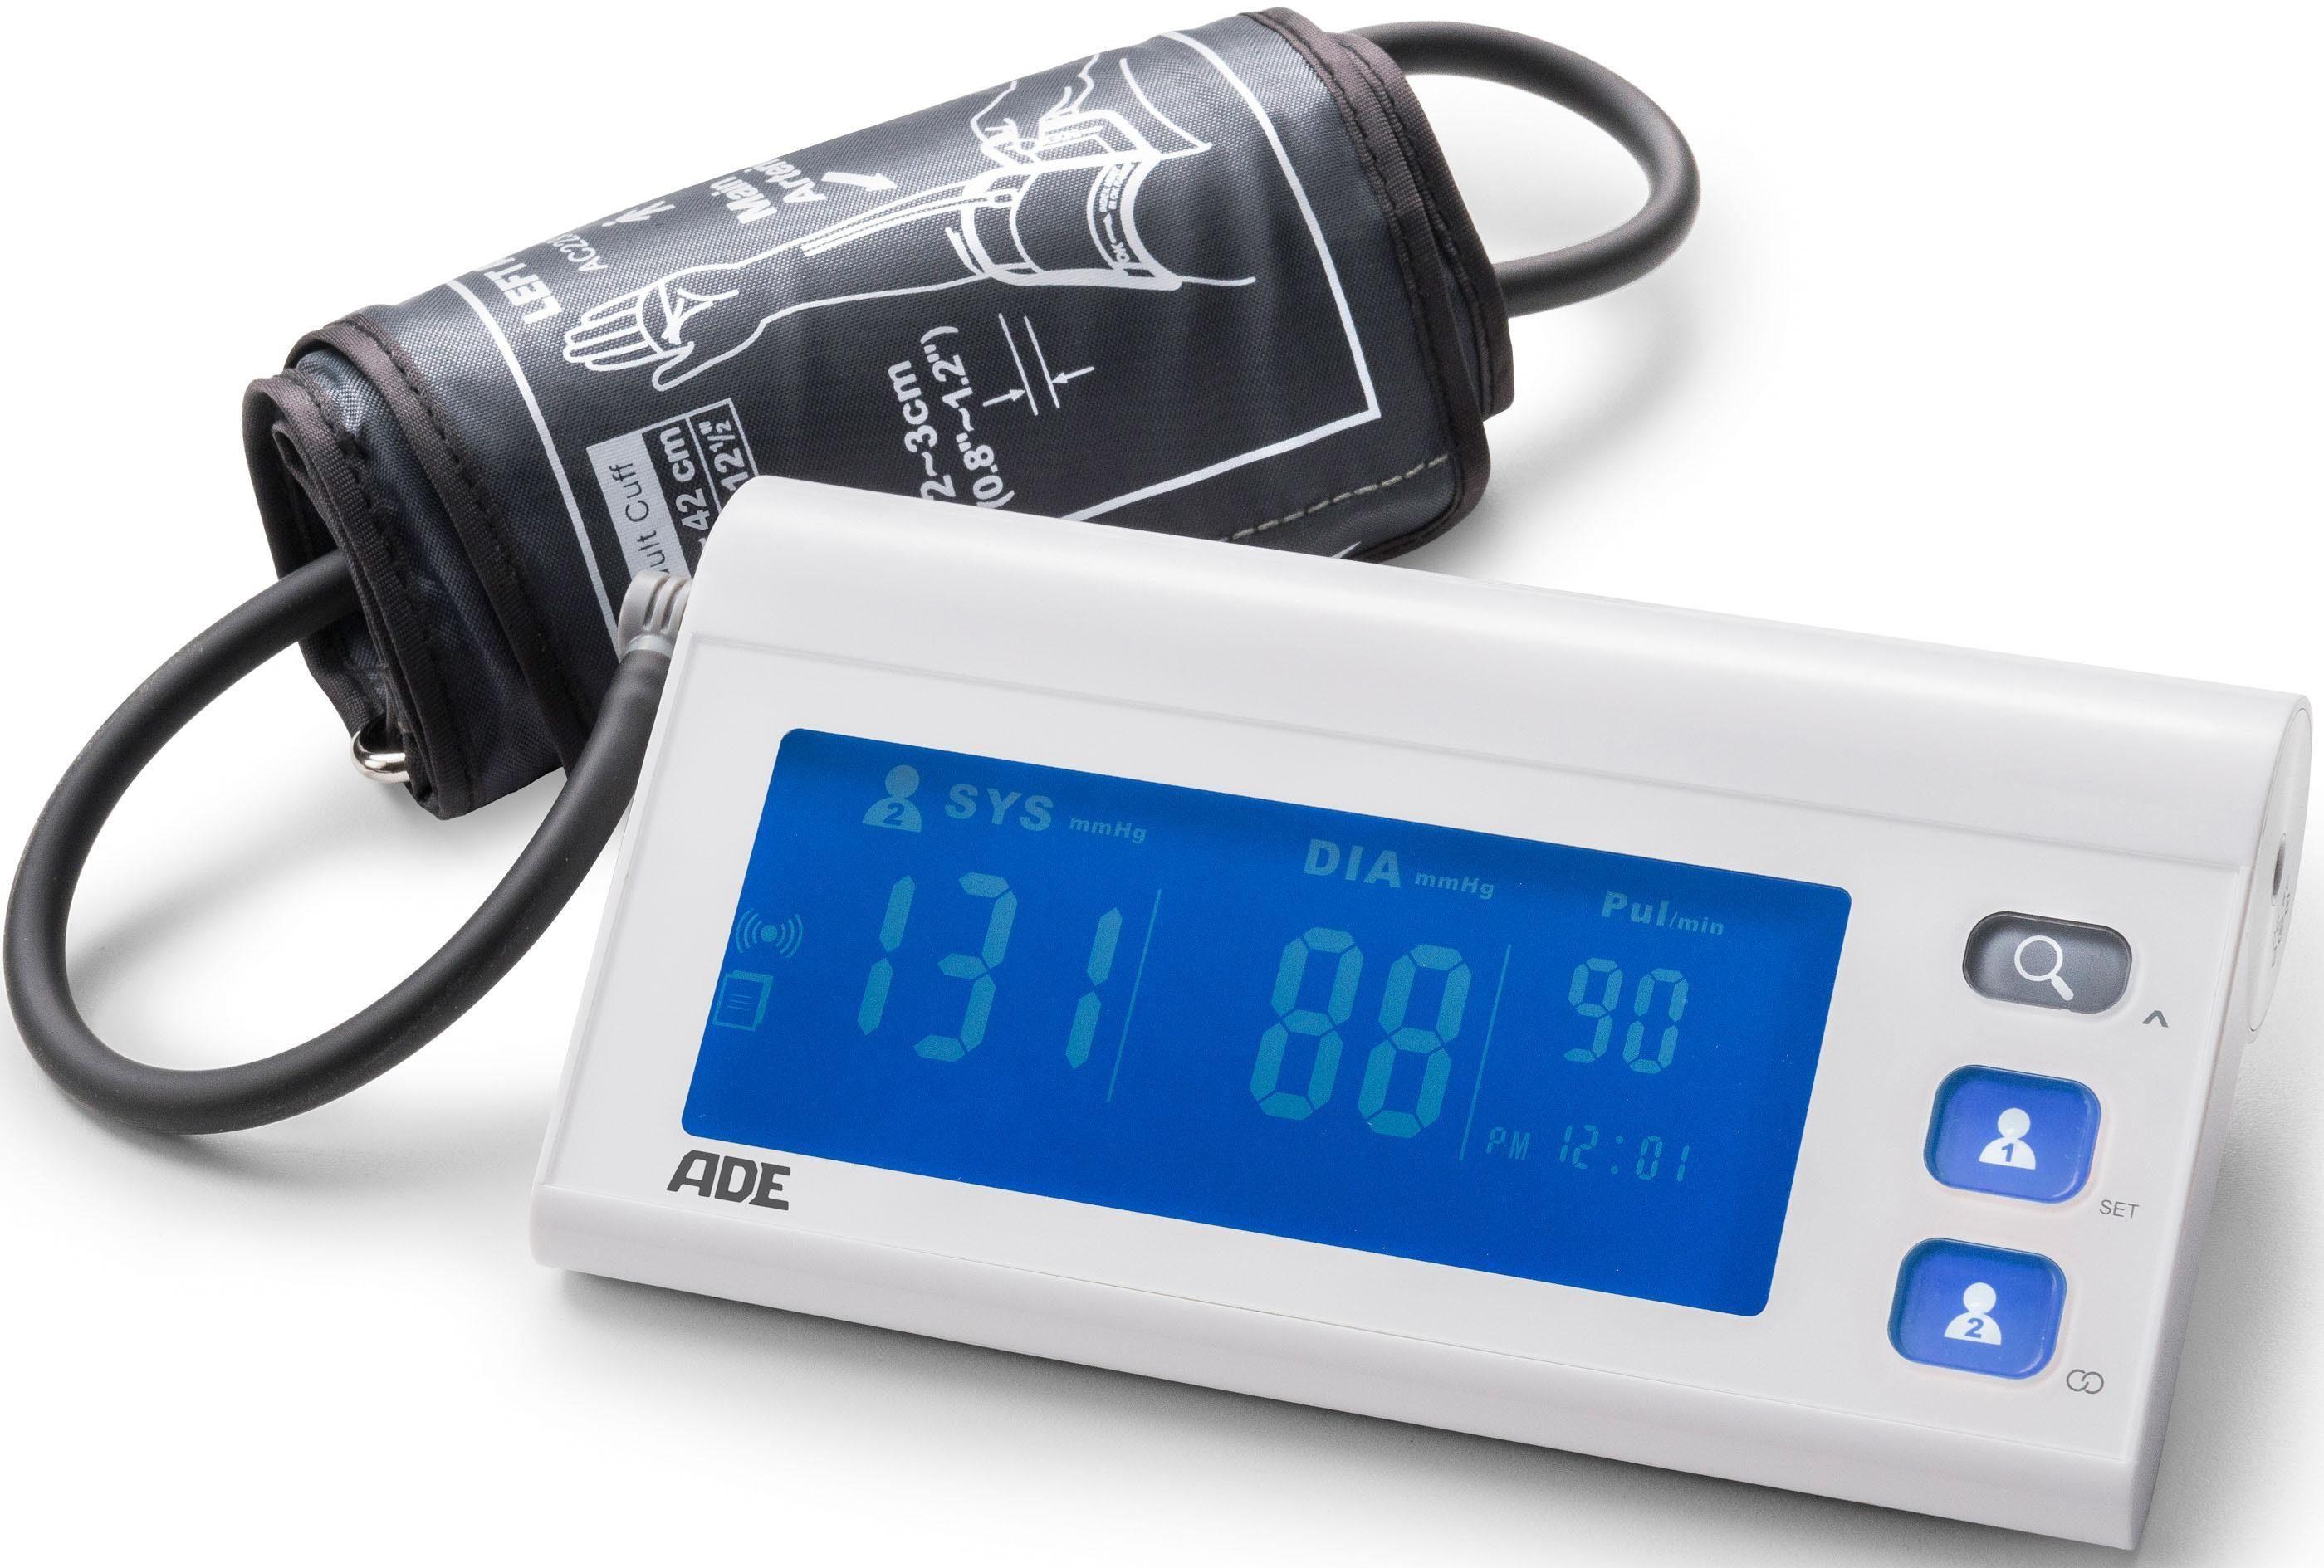 ADE Blutdruckmessgerät BPM 1601 FITvigo, Starkes Duo: Blutdruckmessgerät mit FITvigo App